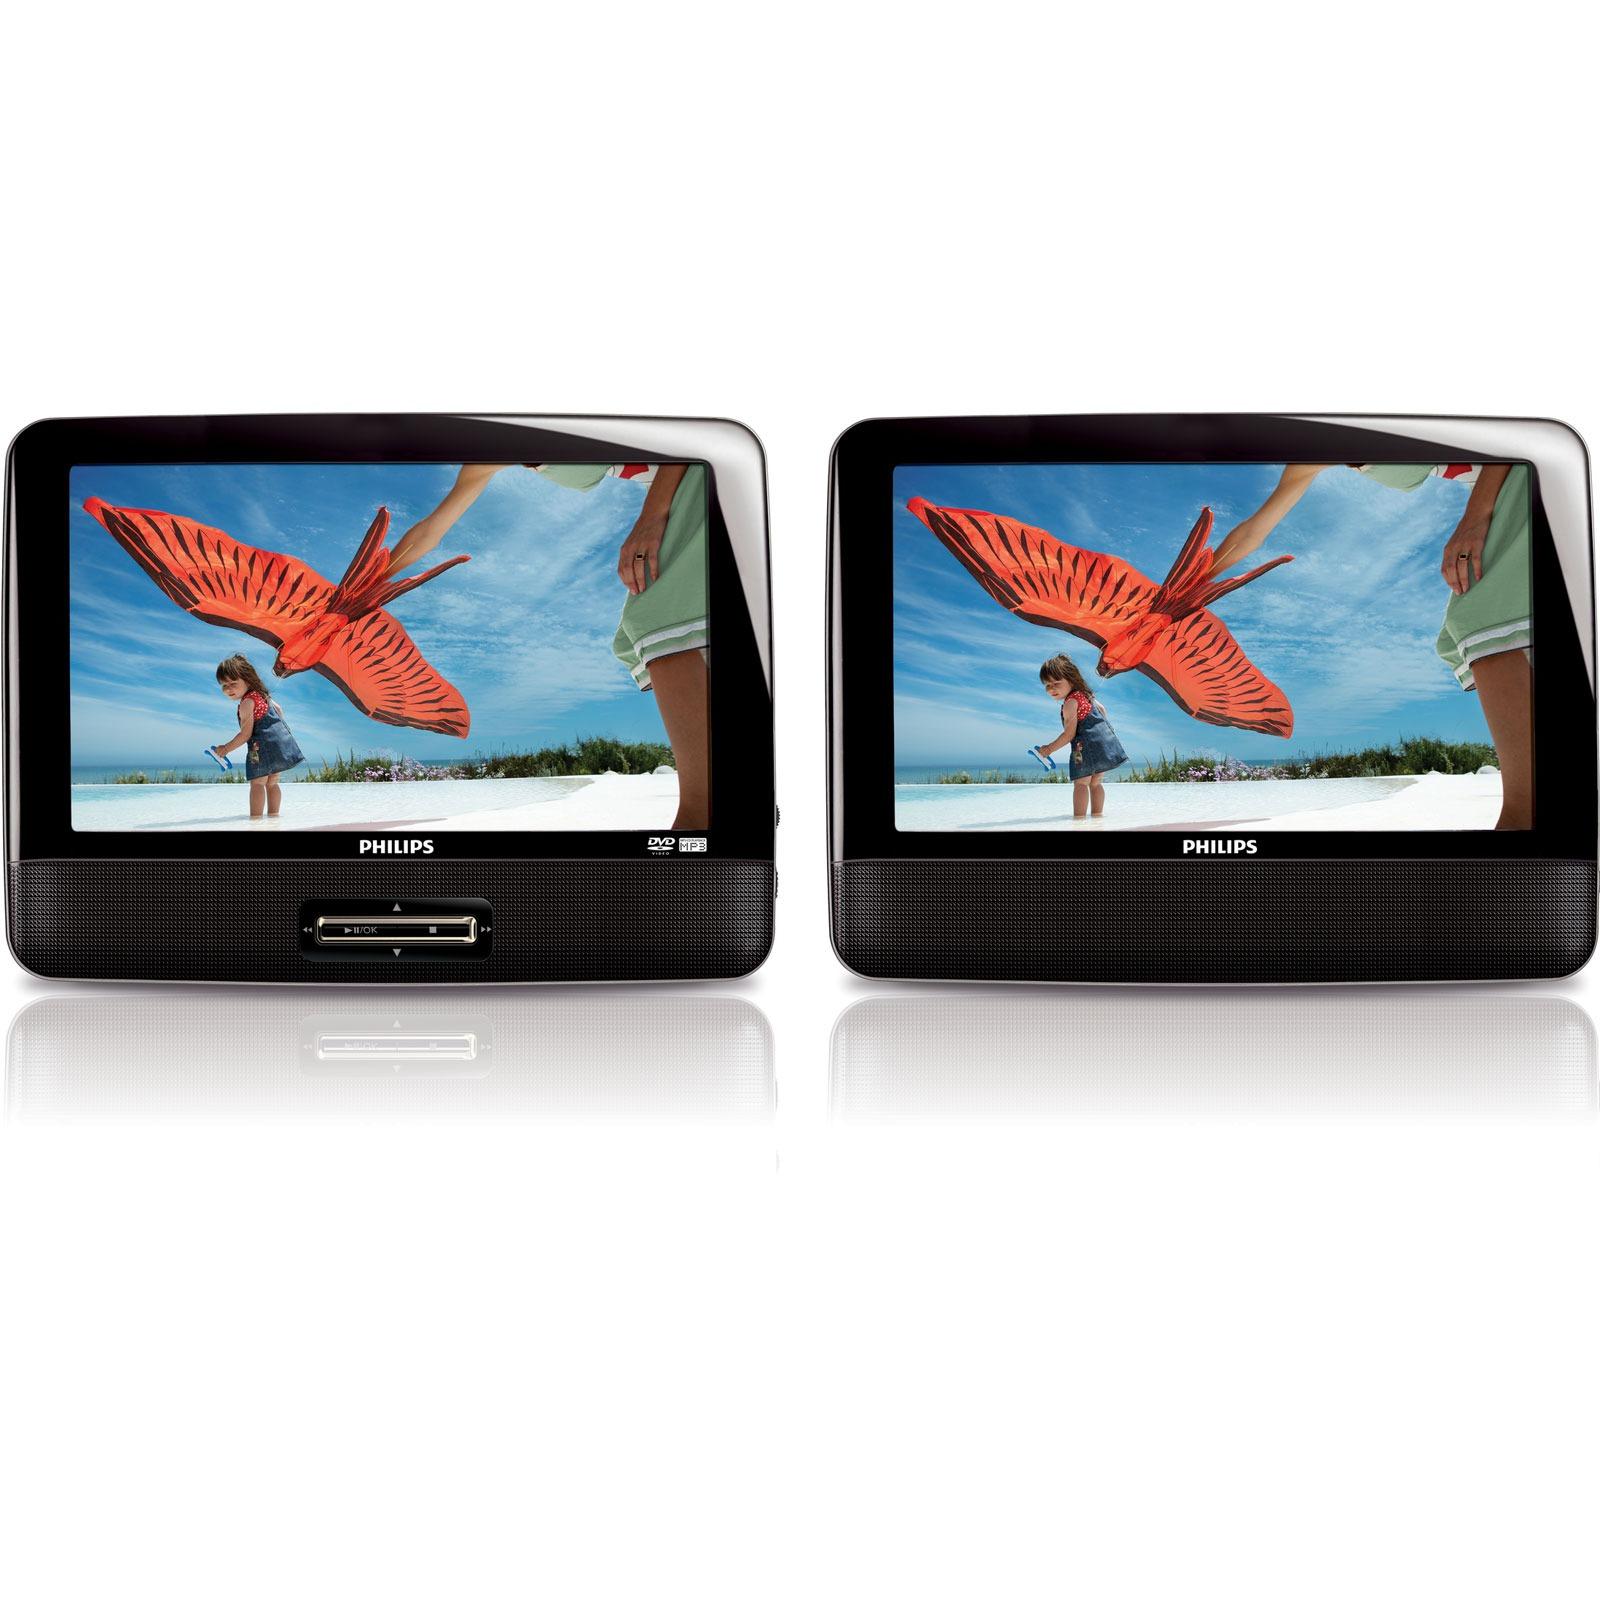 Lecteur dvd portable double ecran for Photo ecran portable